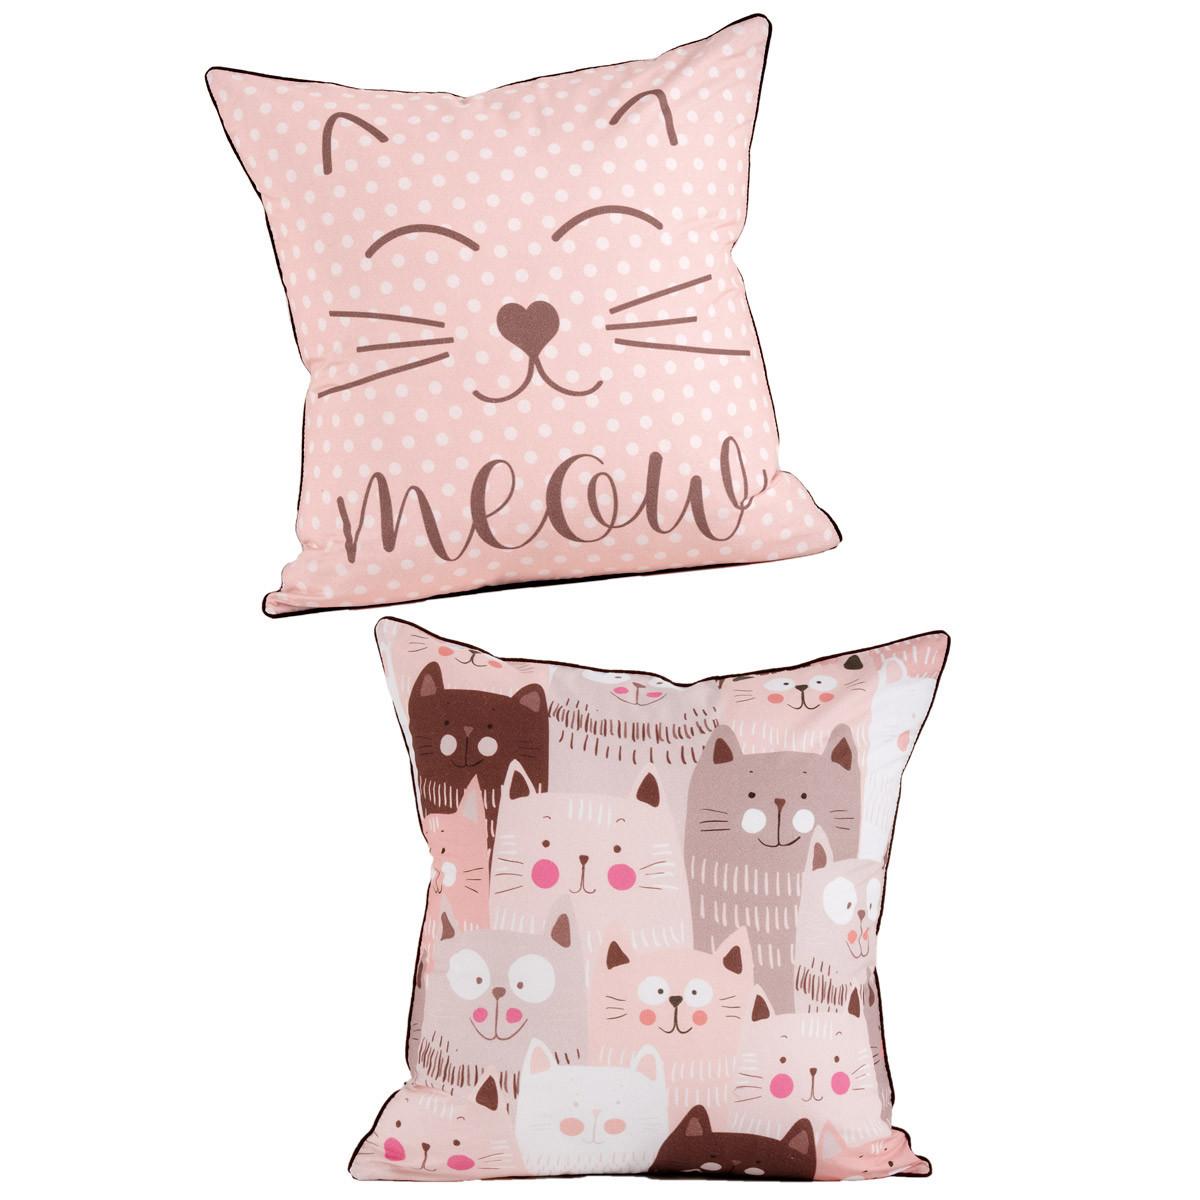 Διακοσμητική Μαξιλαροθήκη 2 Όψεων Kentia Kids Kitty home   παιδικά   διακοσμητικά μαξιλάρια παιδικά